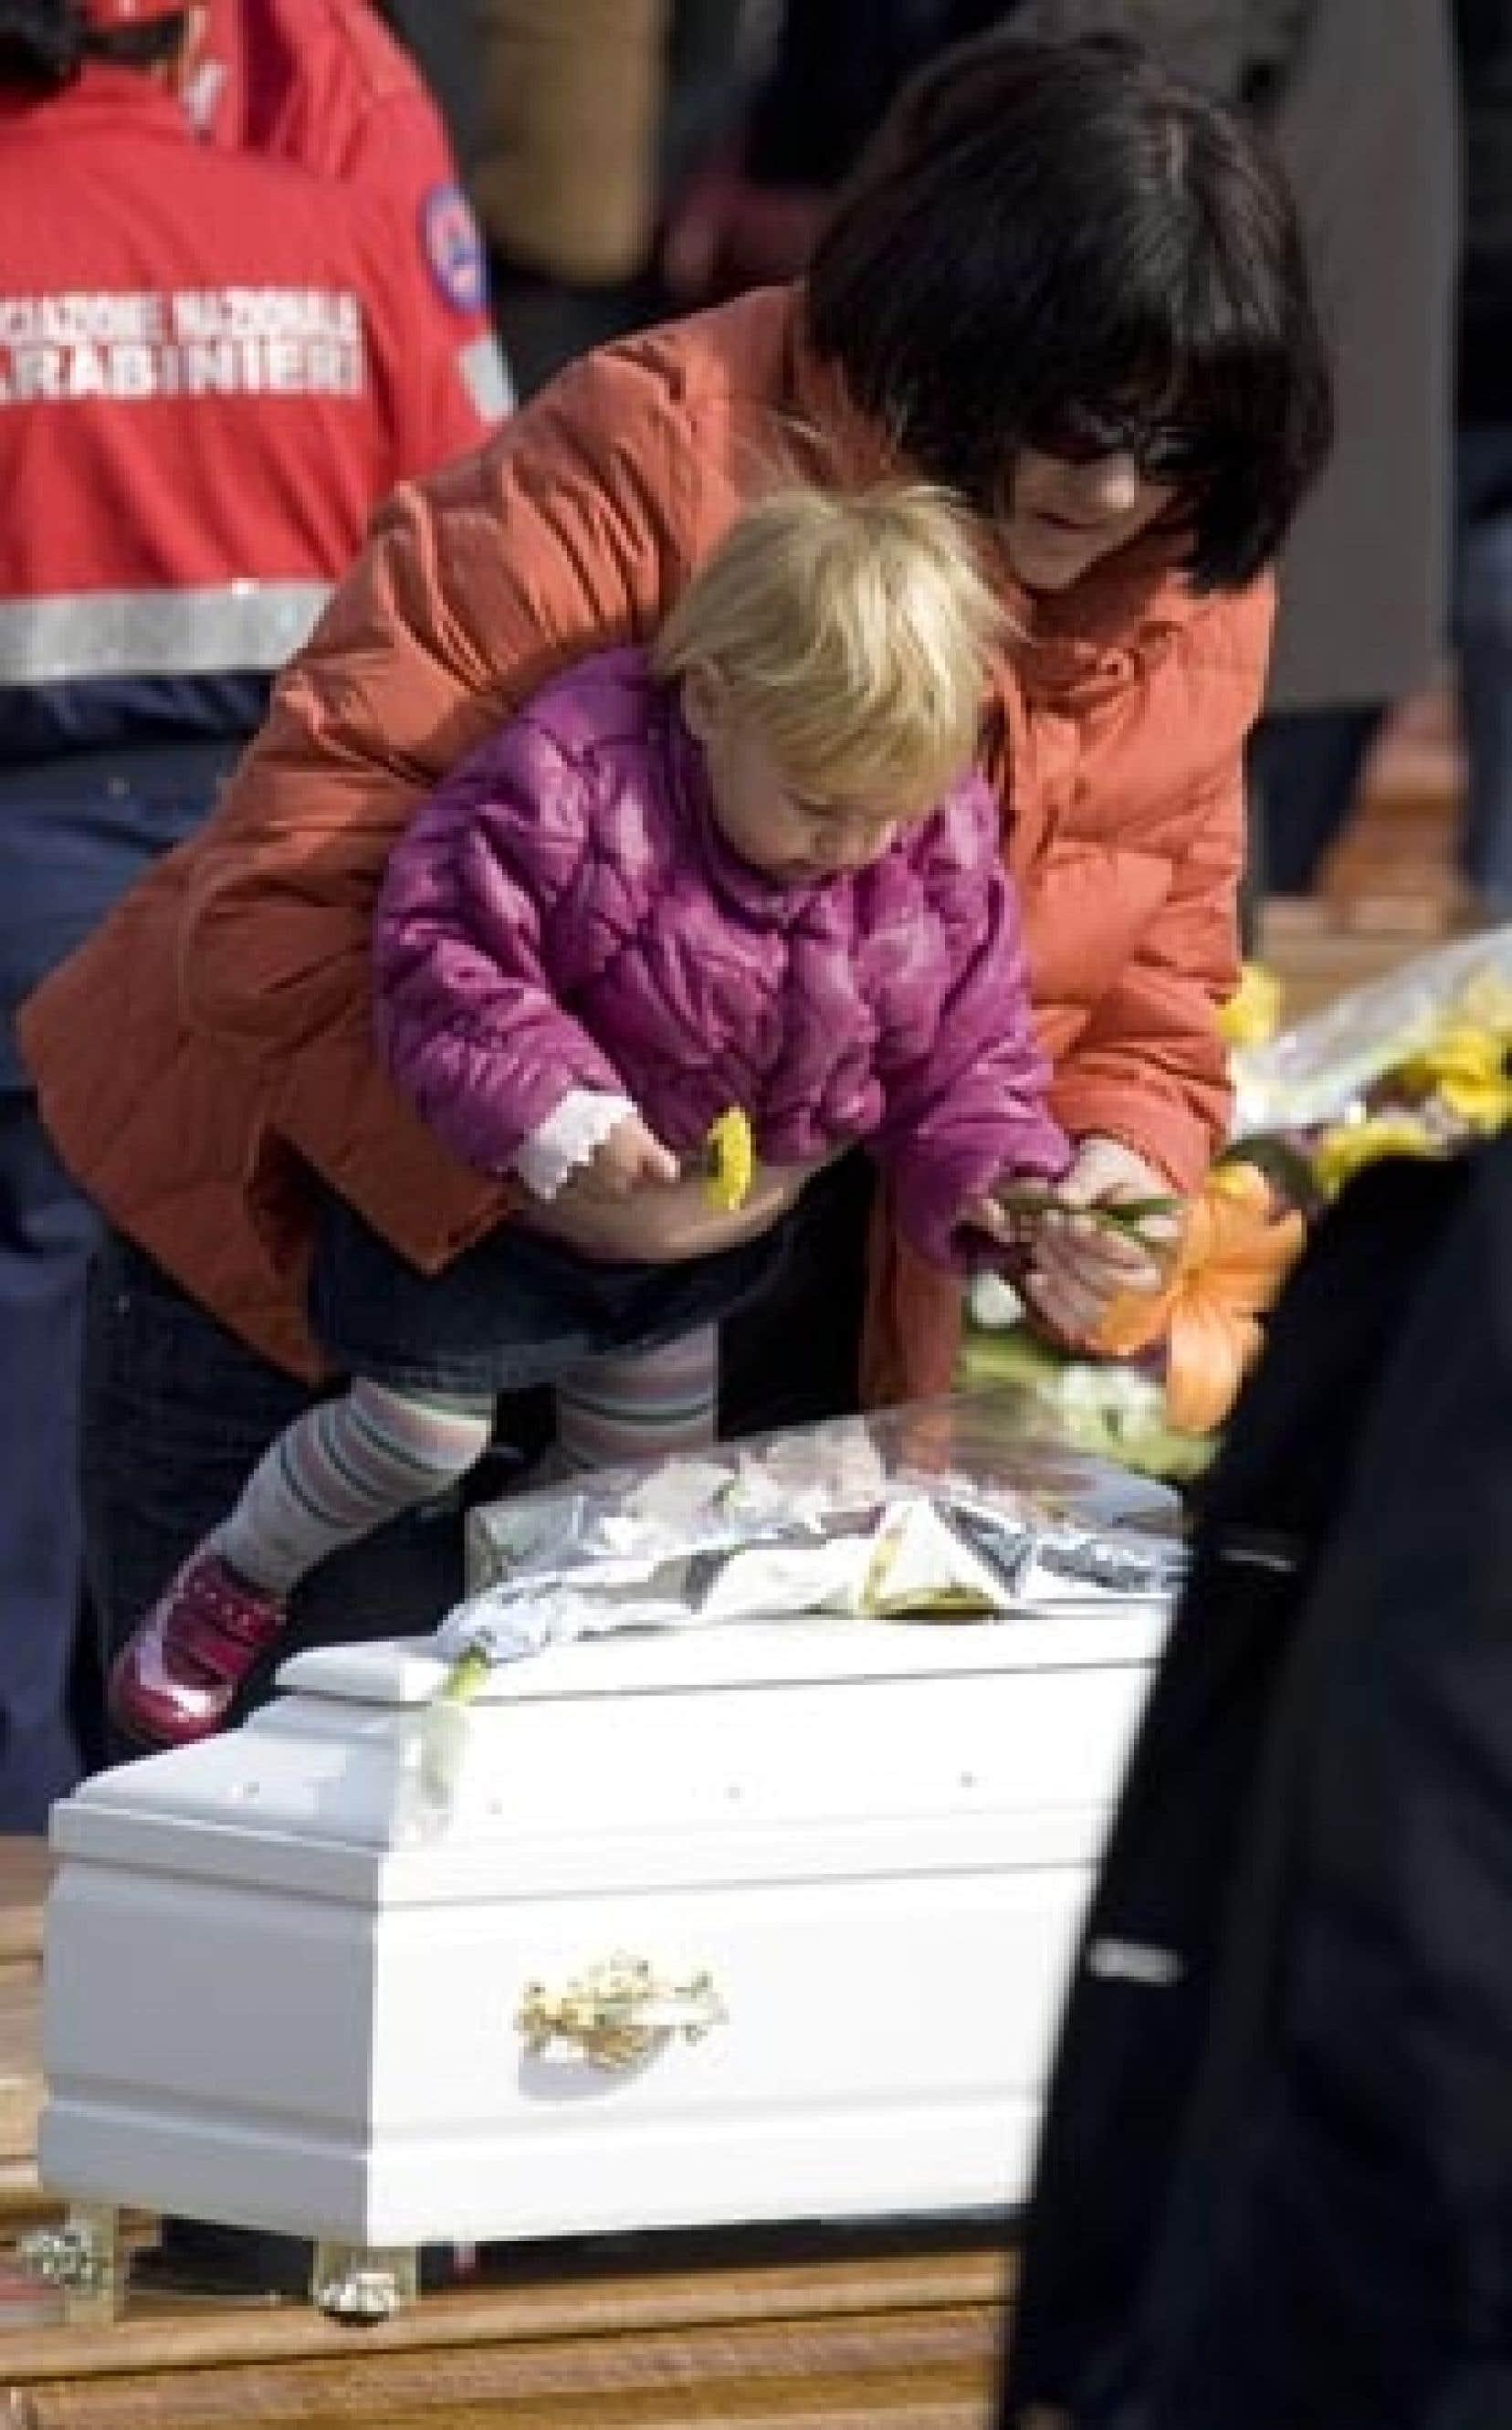 Un petit cercueil blanc d'enfant posé sur celui de sa mère: l'image restera l'émouvant symbole de ces obsèques.